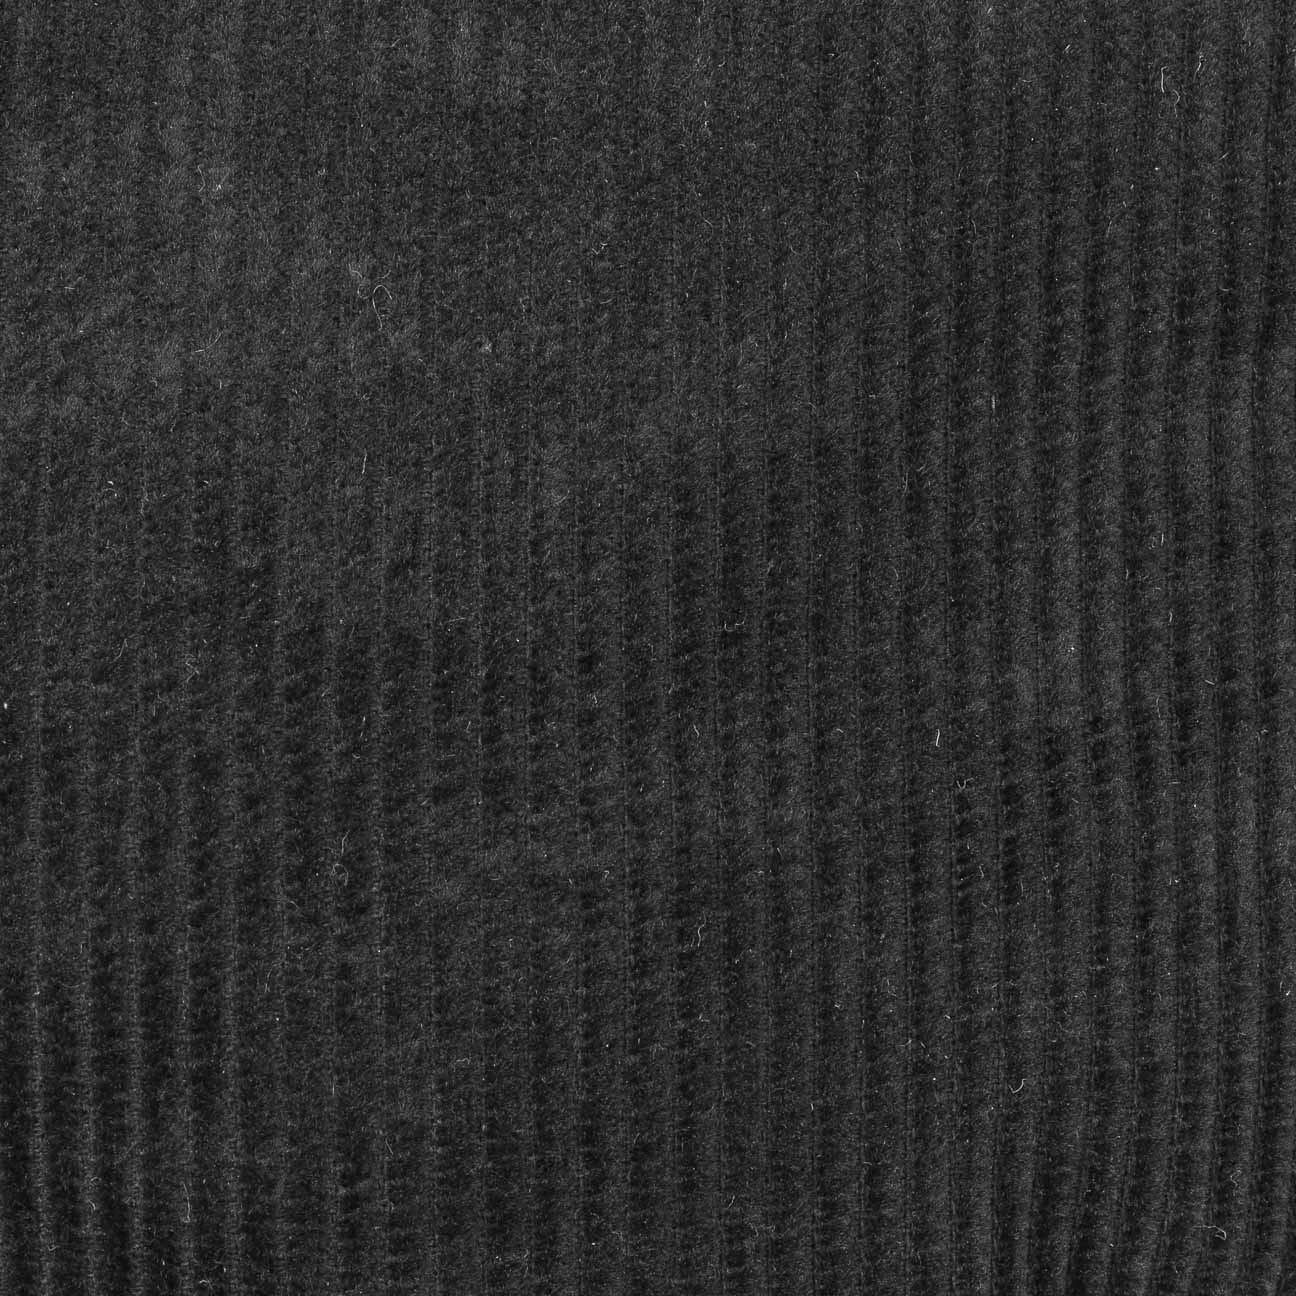 Lipodo Cordial Coppola in Cotone Berretto Maschile in Velluto a Coste con Fodera Imbottita per l/'Inverno Taglie 49-63 cm Berretto Sportivo con Visiera in Vari Colori